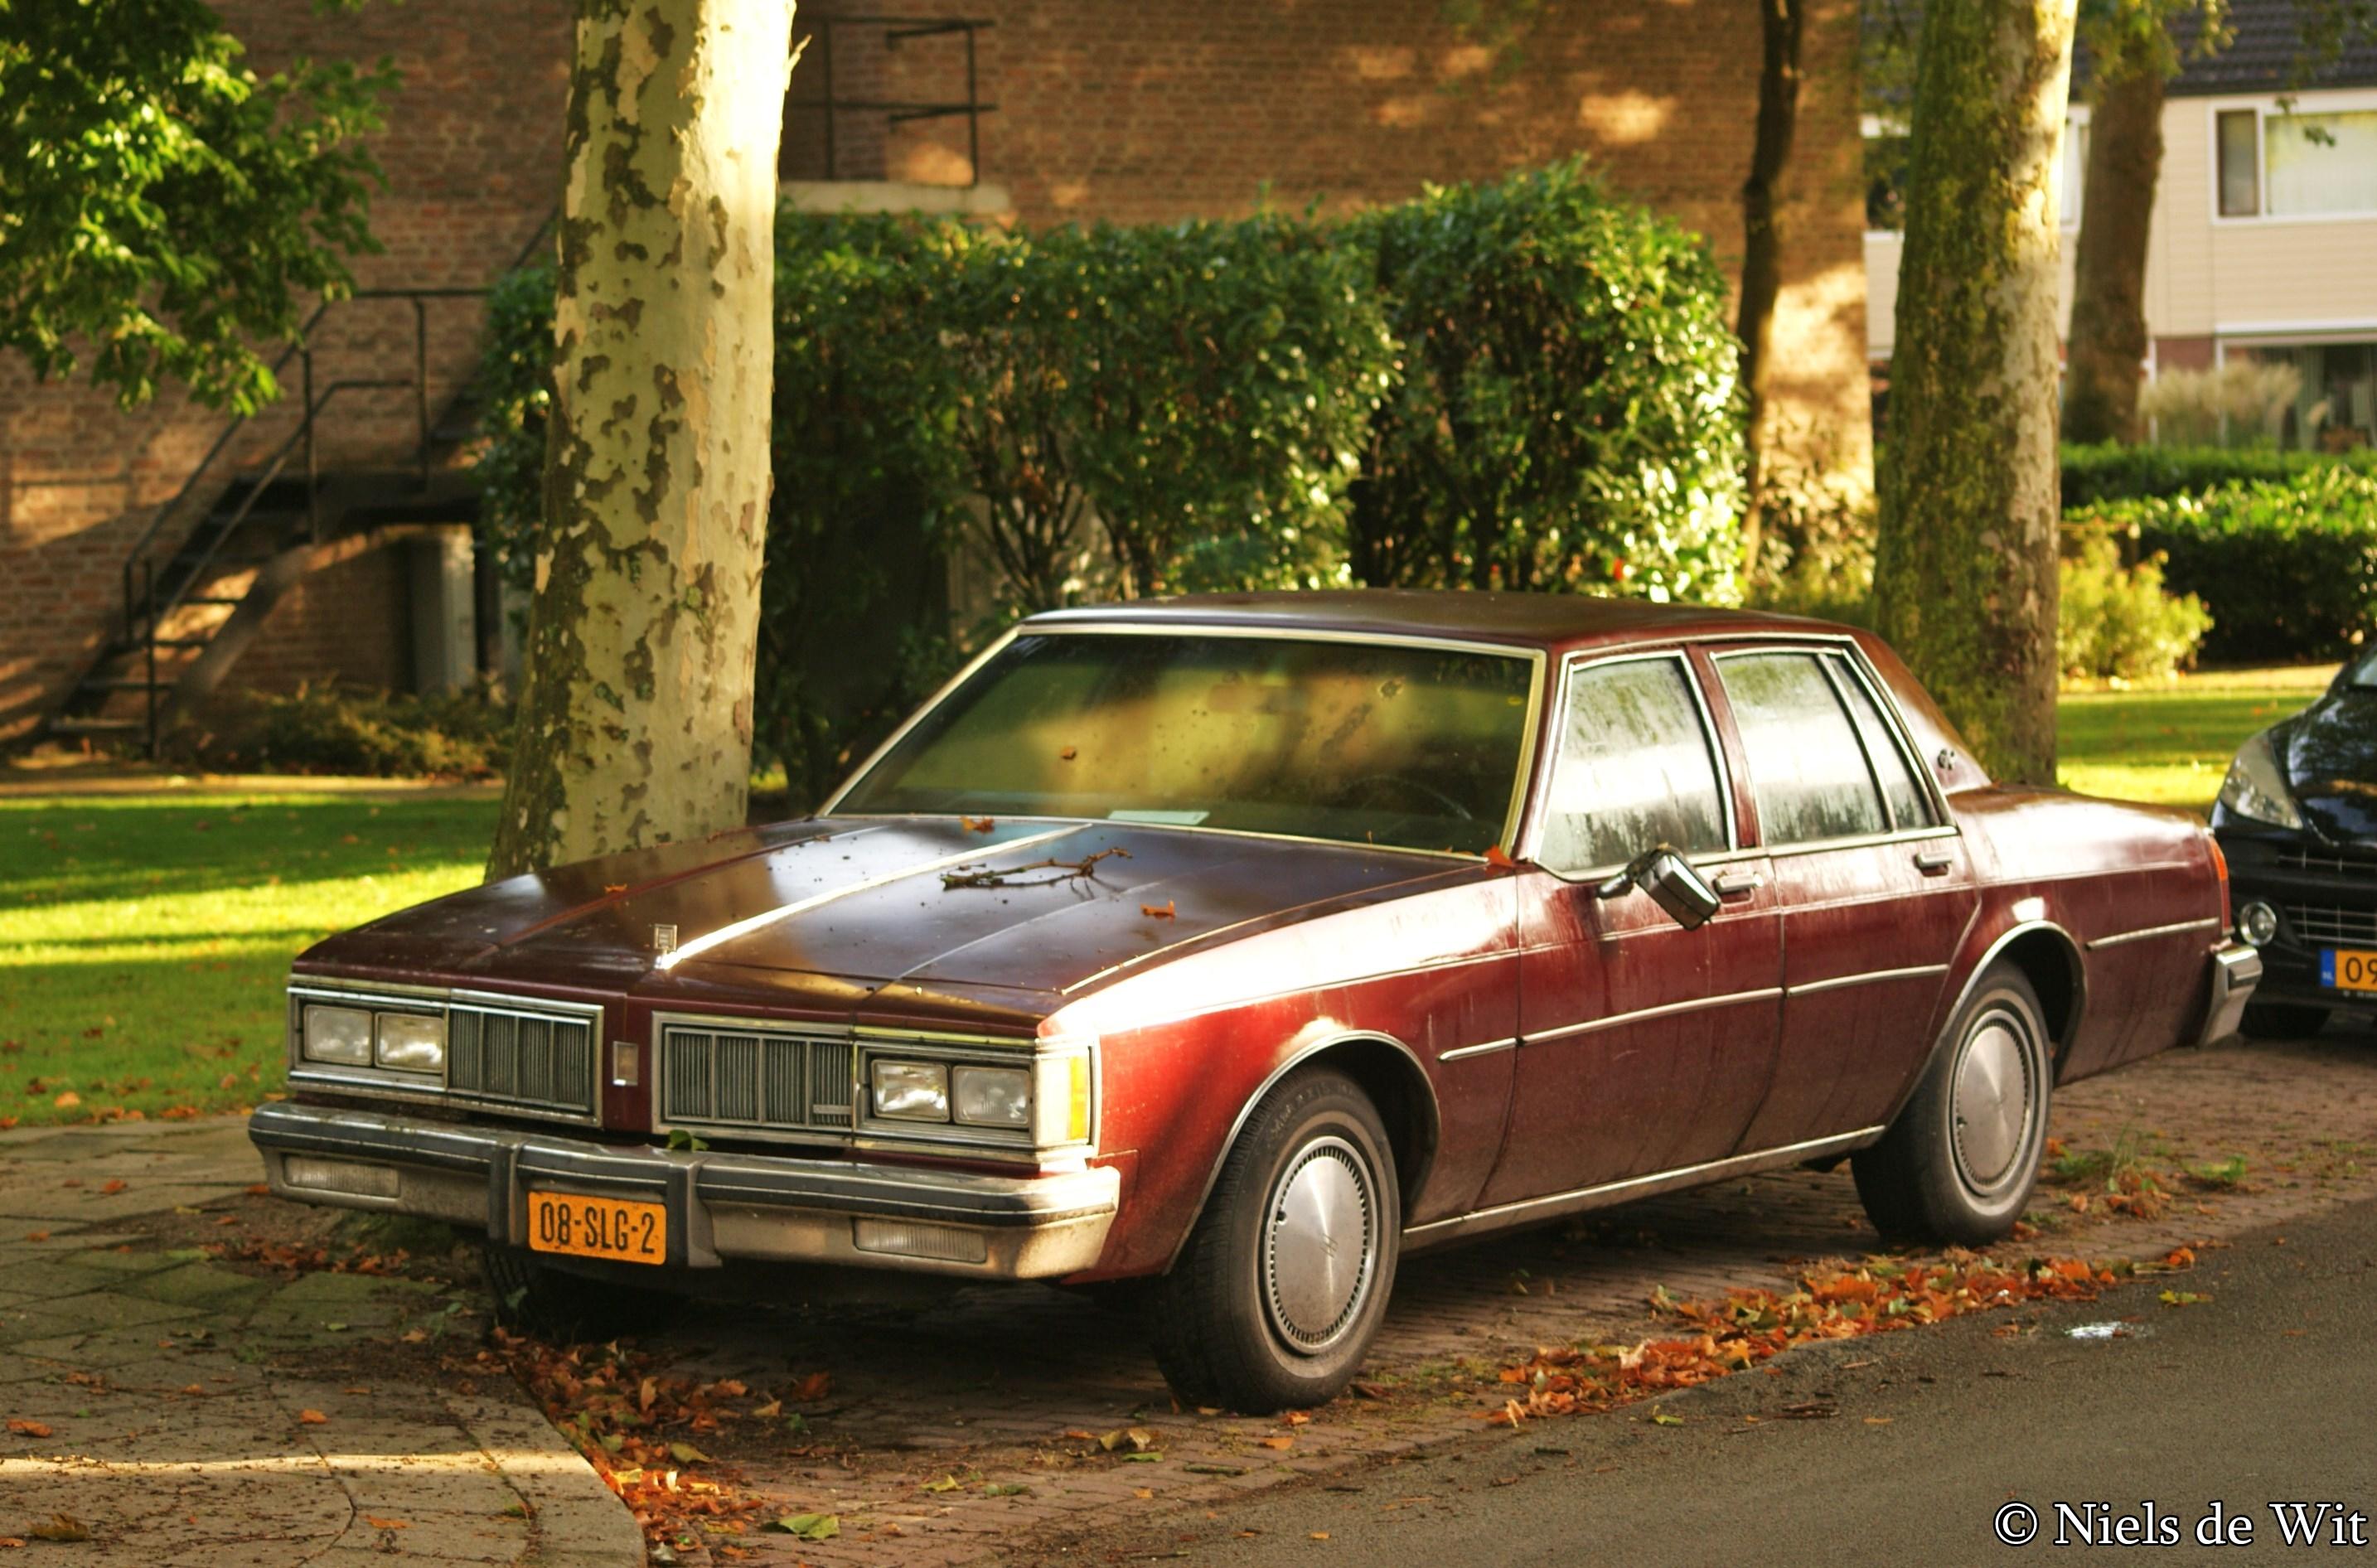 File:1980 Oldsmobile Delta 88 Royale Diesel (15350079195 ...1980 Oldsmobile Delta 88 Royale